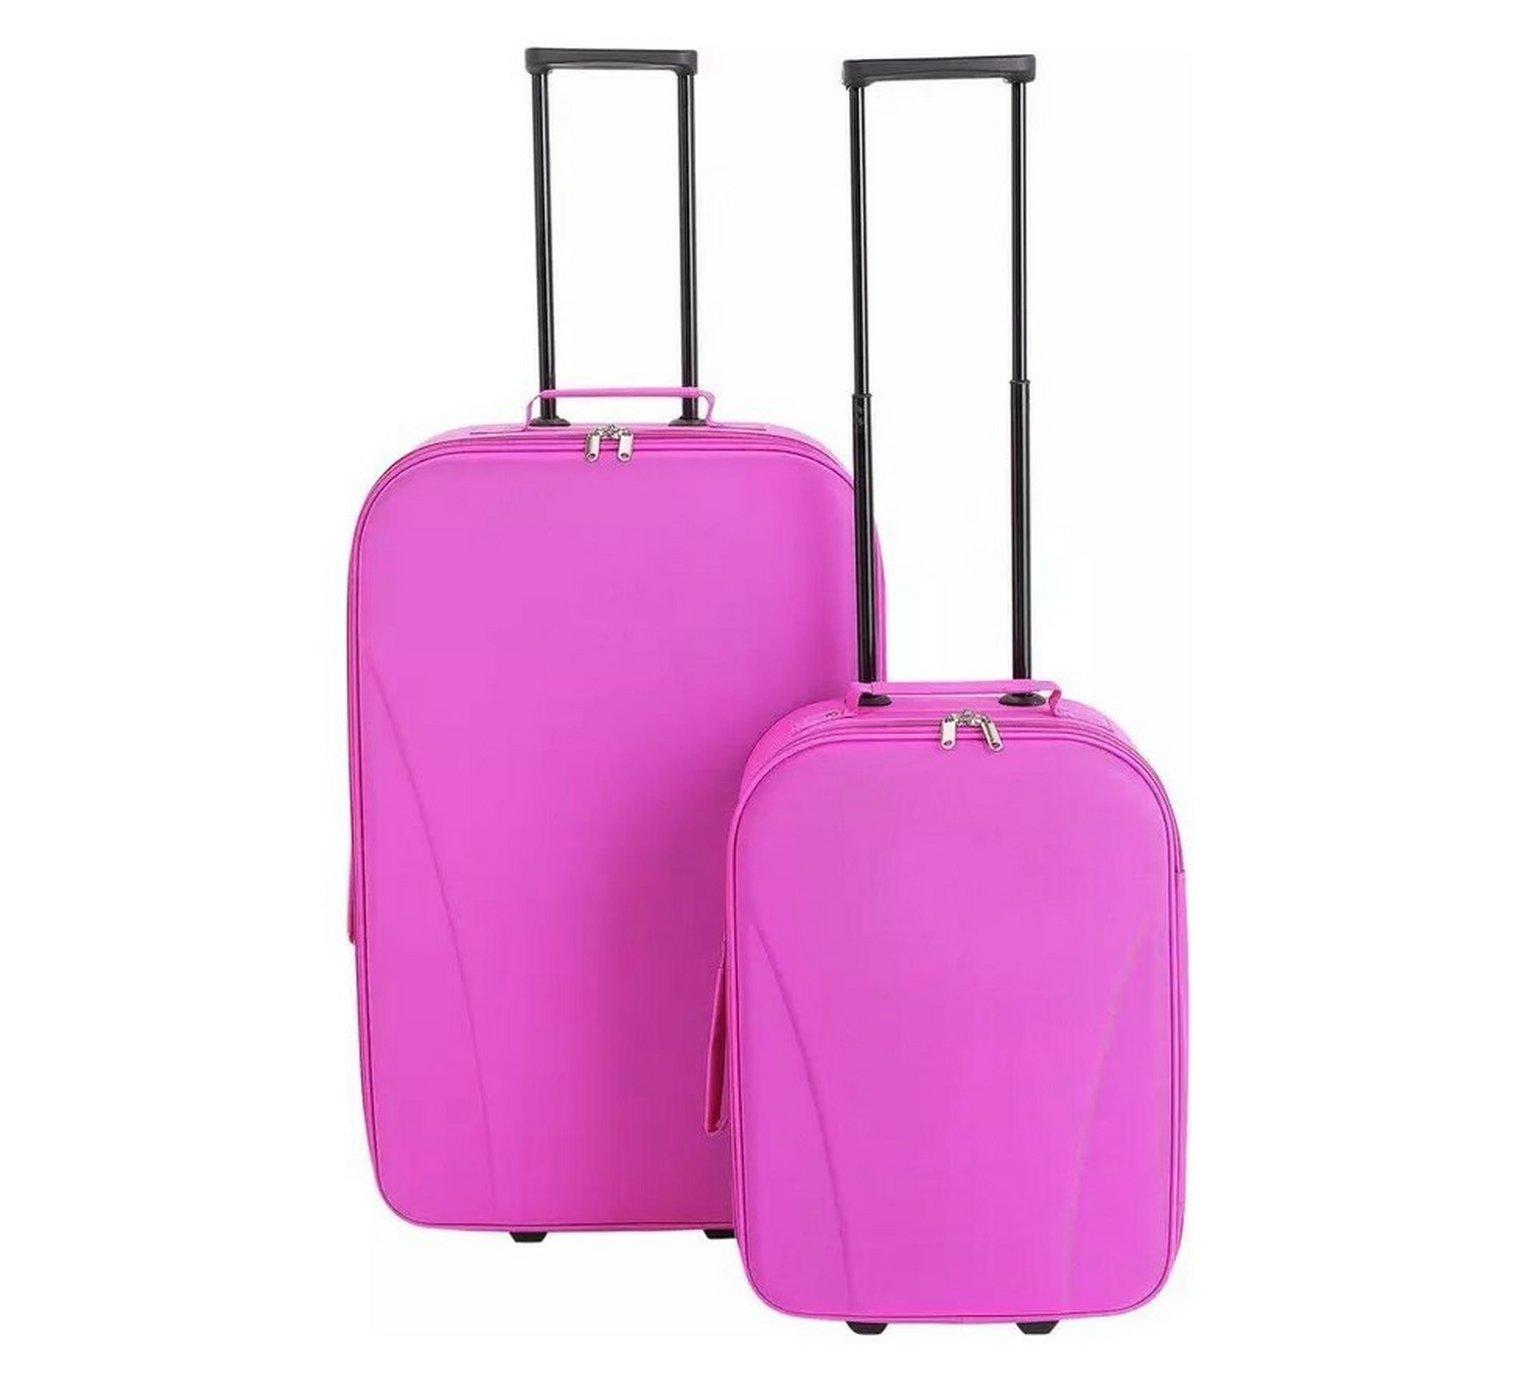 Go Explore 2 Piece Soft 2 Wheeled Luggage Set - Pink